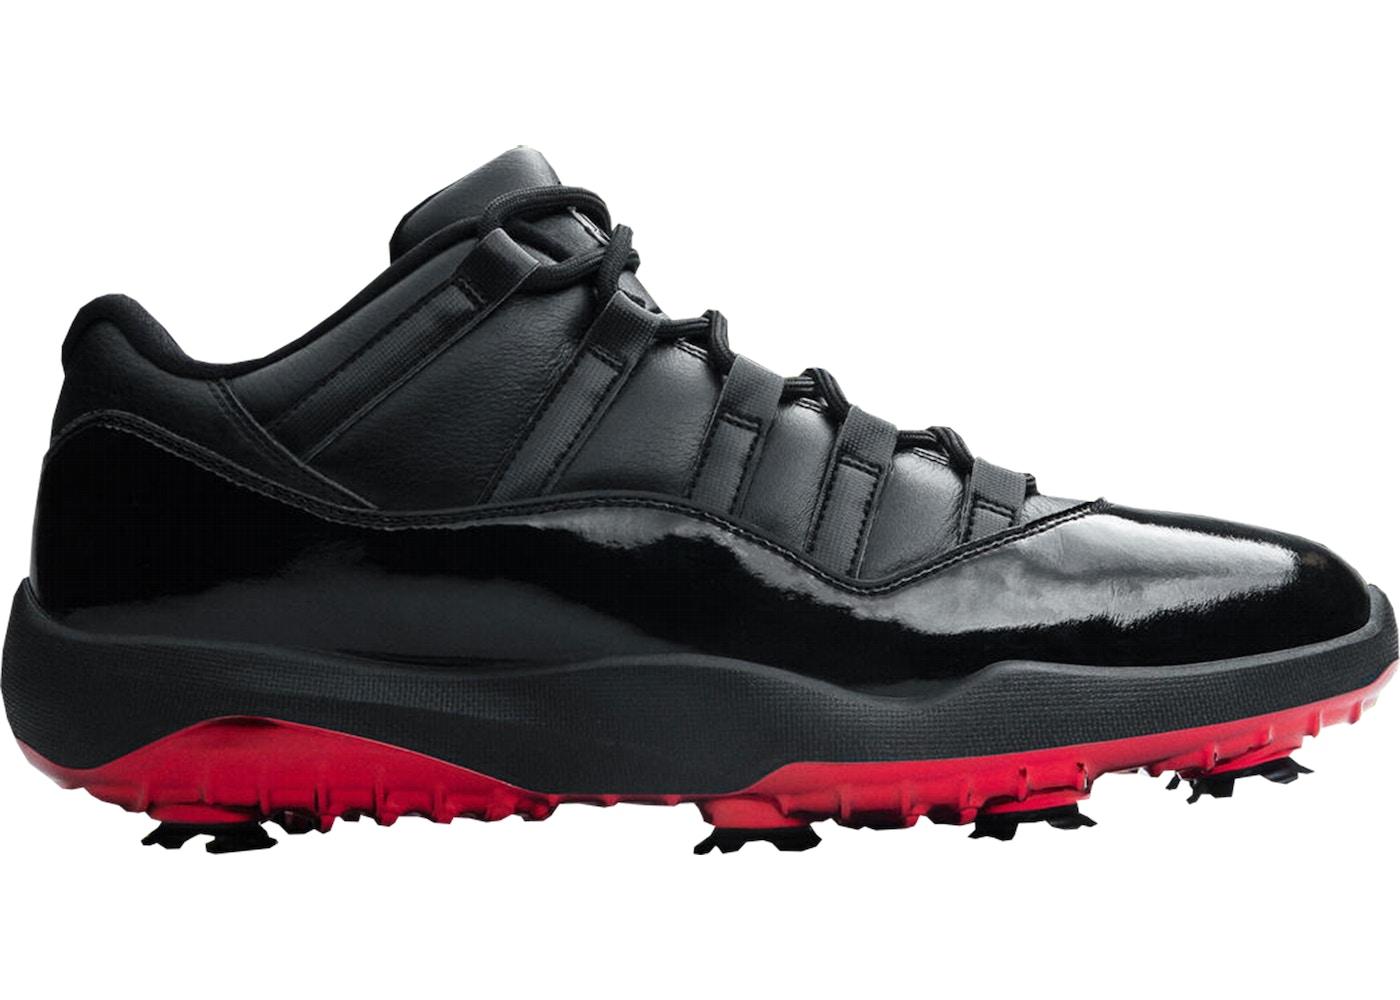 75f9dd2396 Jordan 11 Retro Low Golf Safari Bred - AQ0963-001